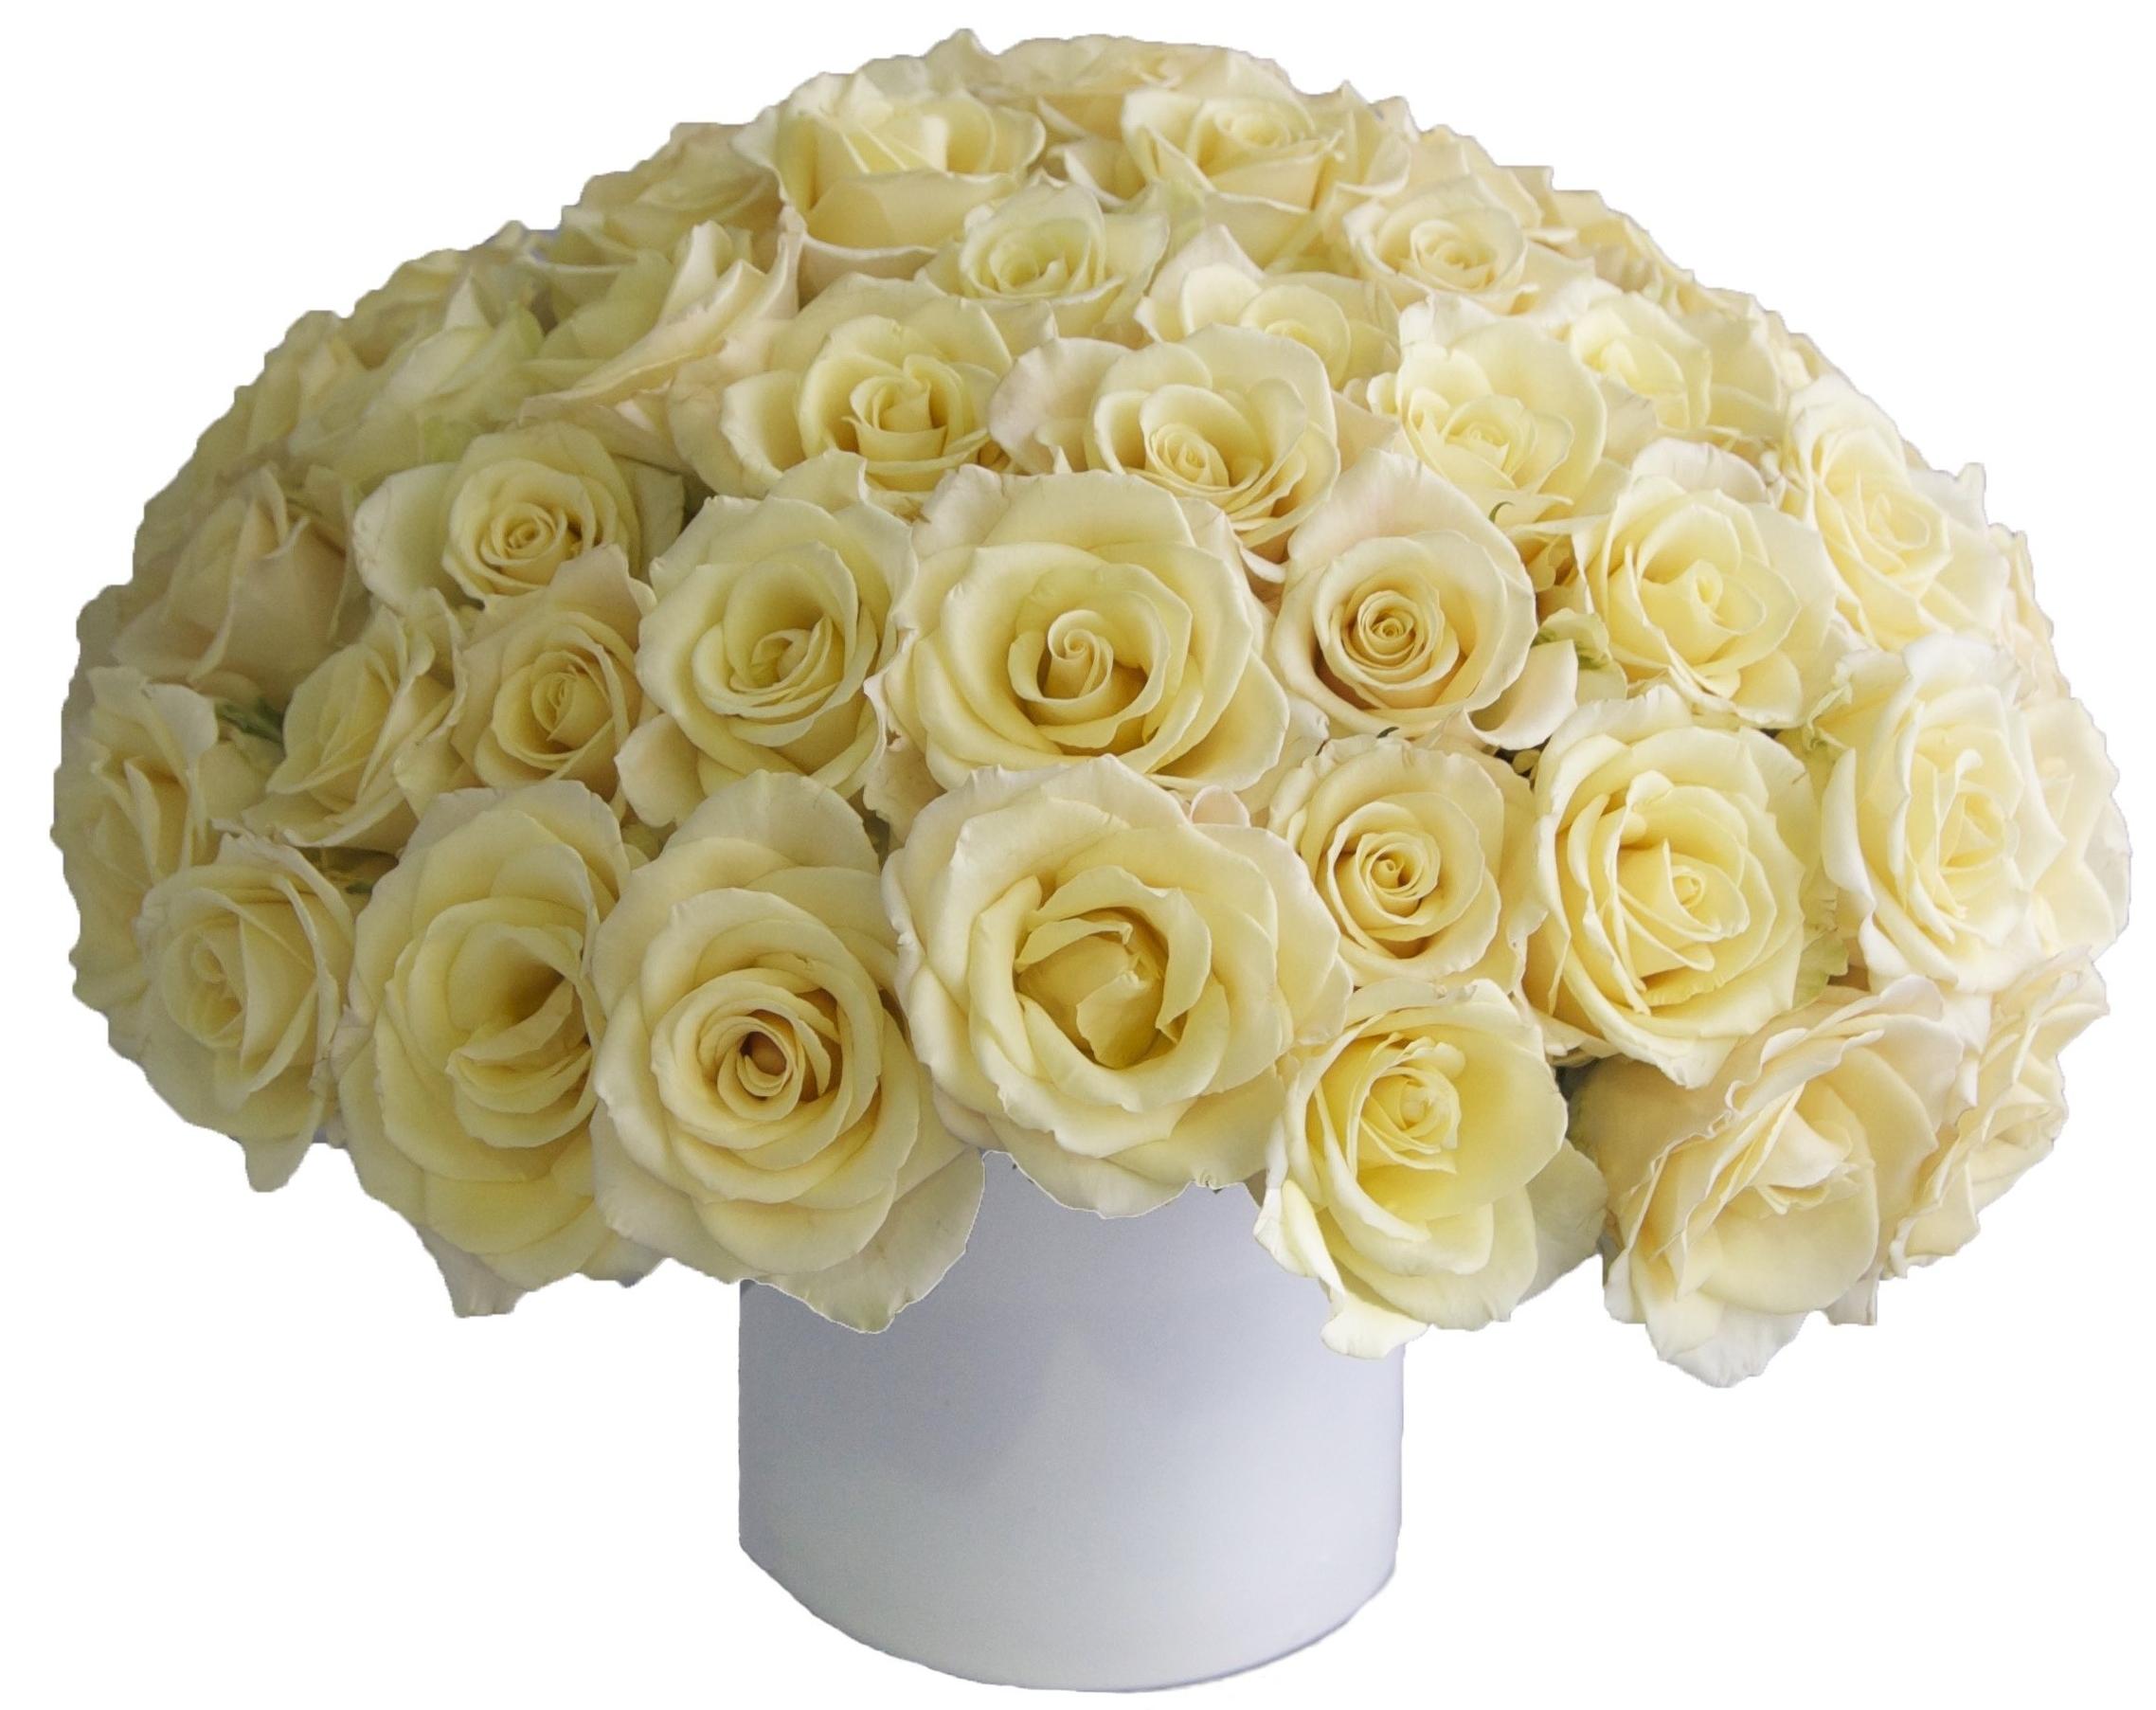 Creme Roses start at $200